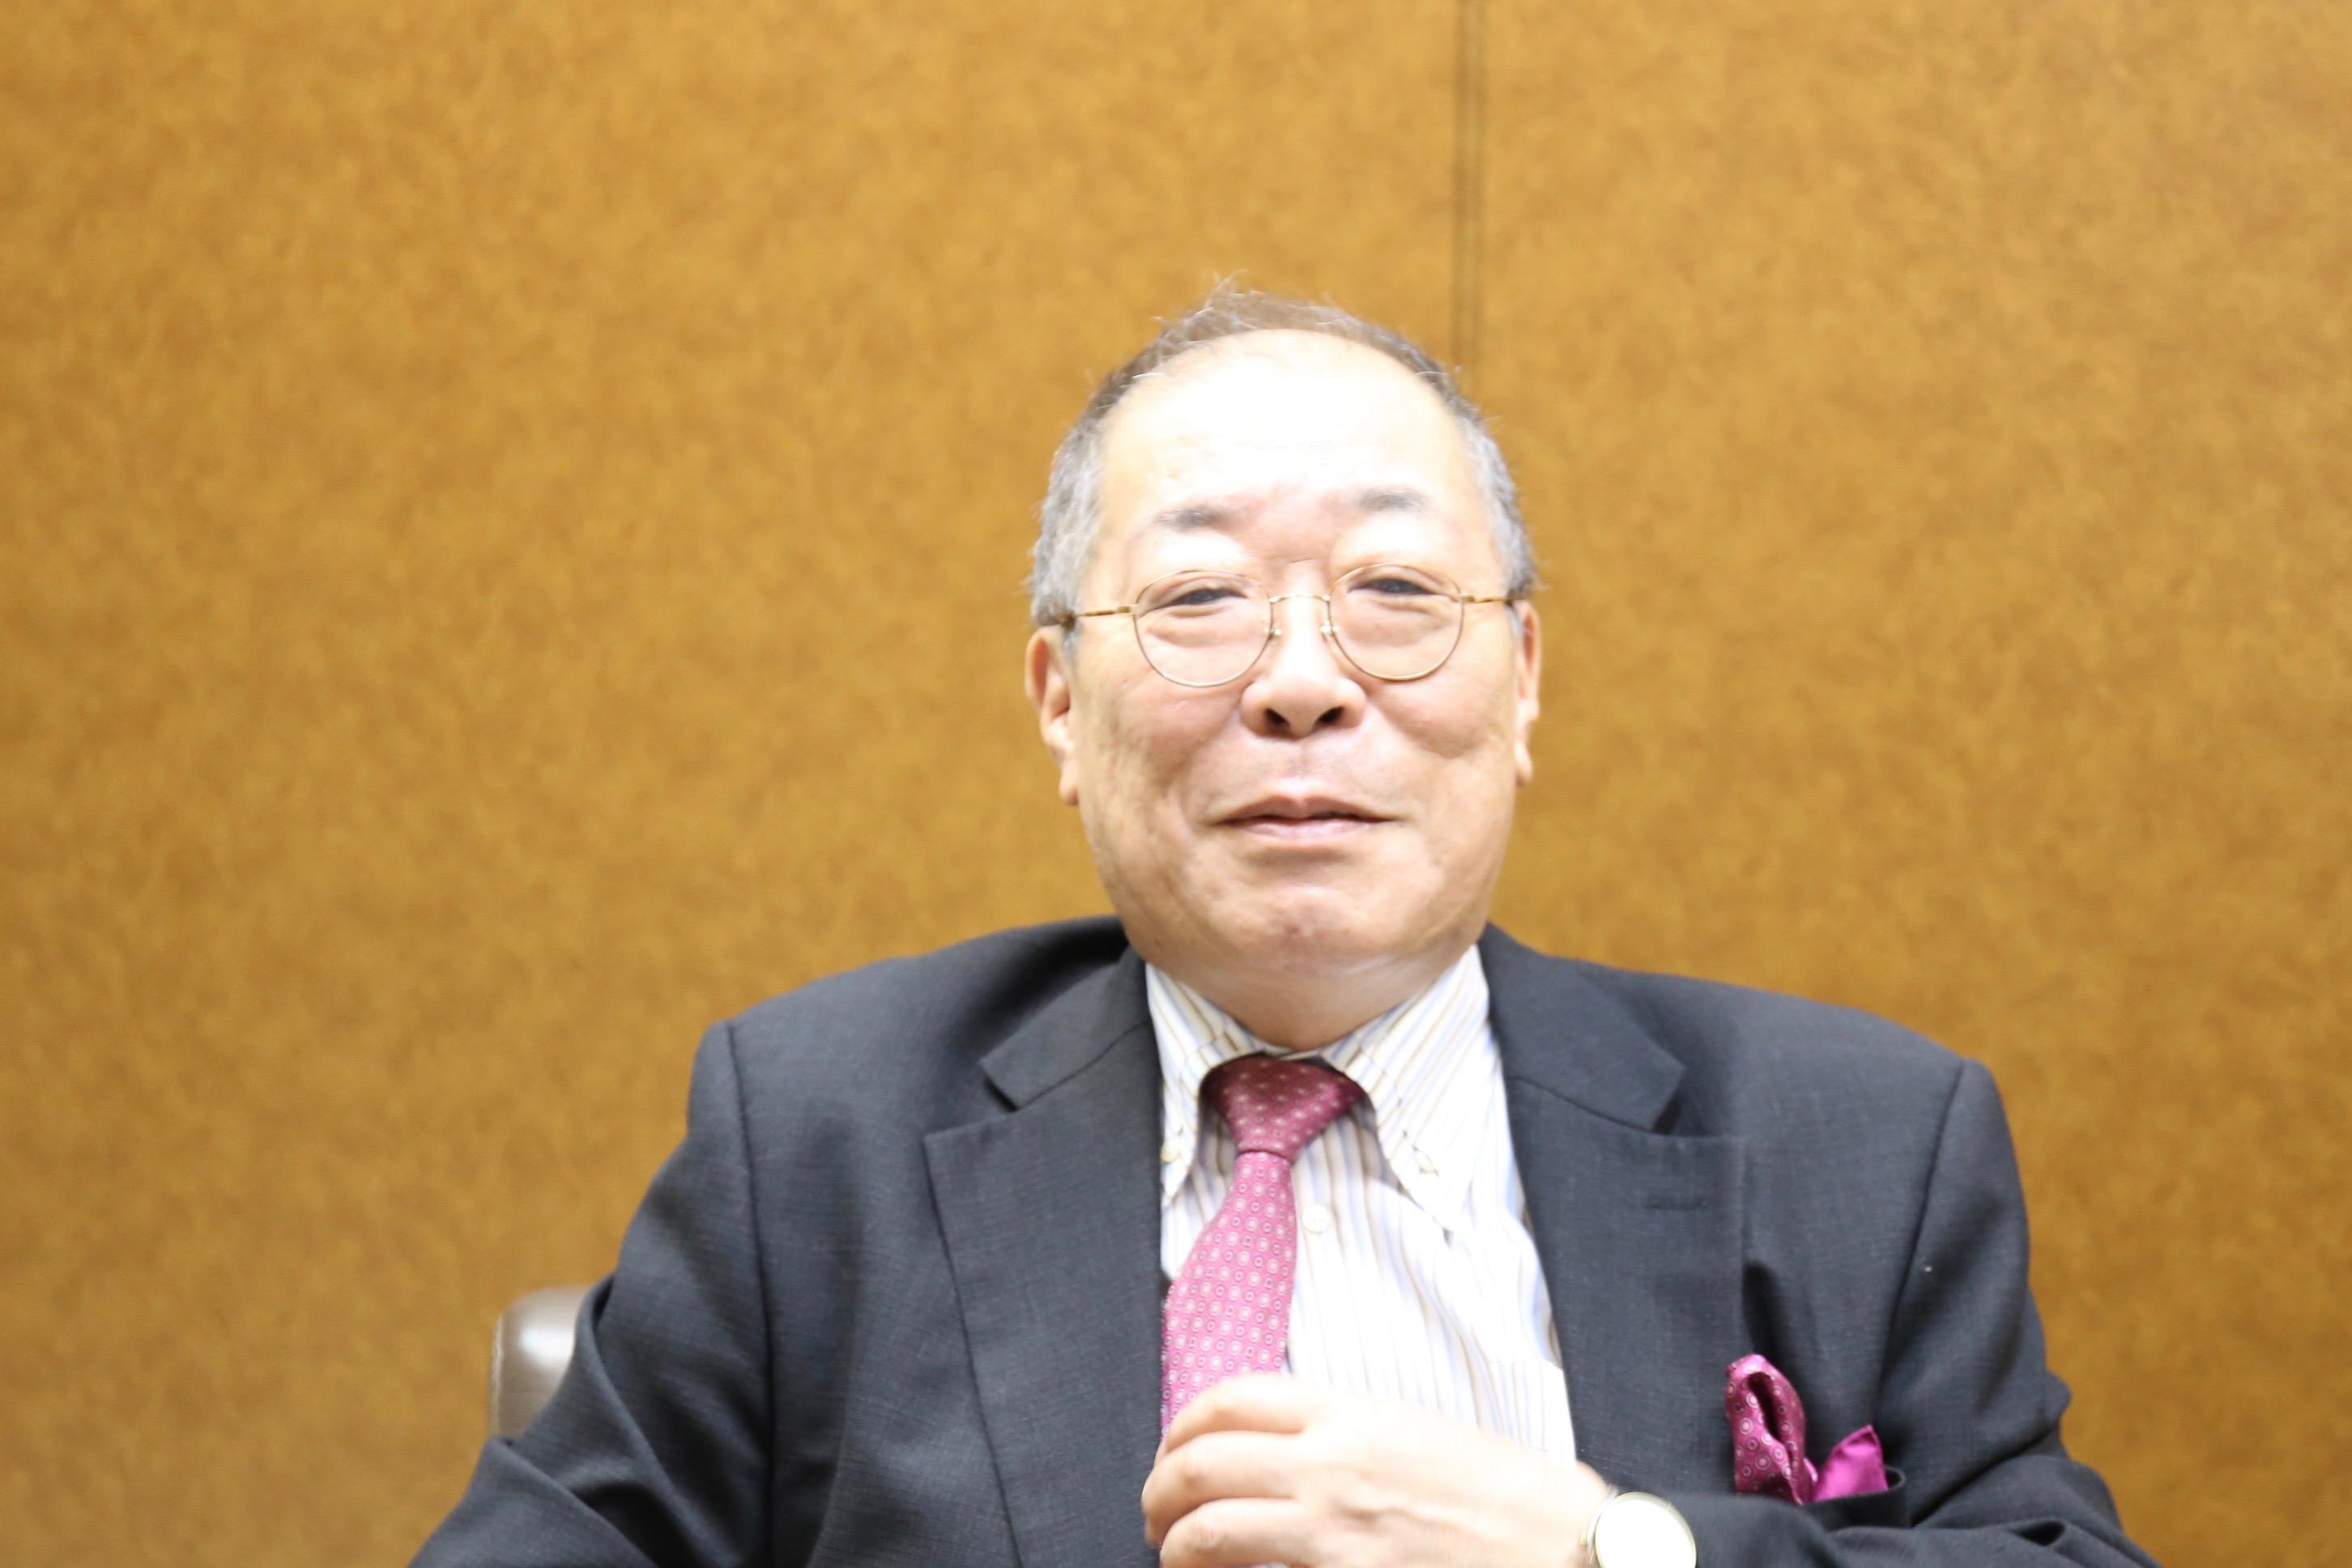 日本の社会と医療を見つめて――小山 秀夫先生の思い